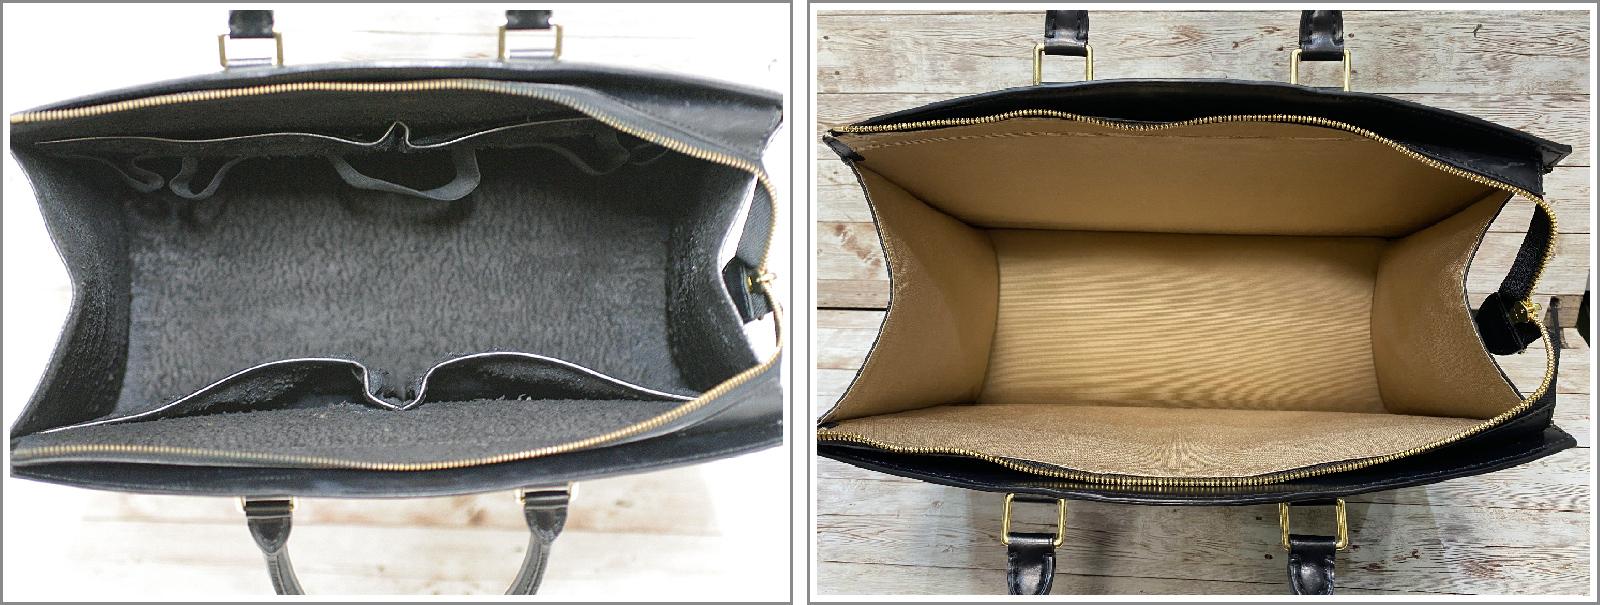 ルイ・ヴィトン(Louis Vuitton)のエピの内袋交換